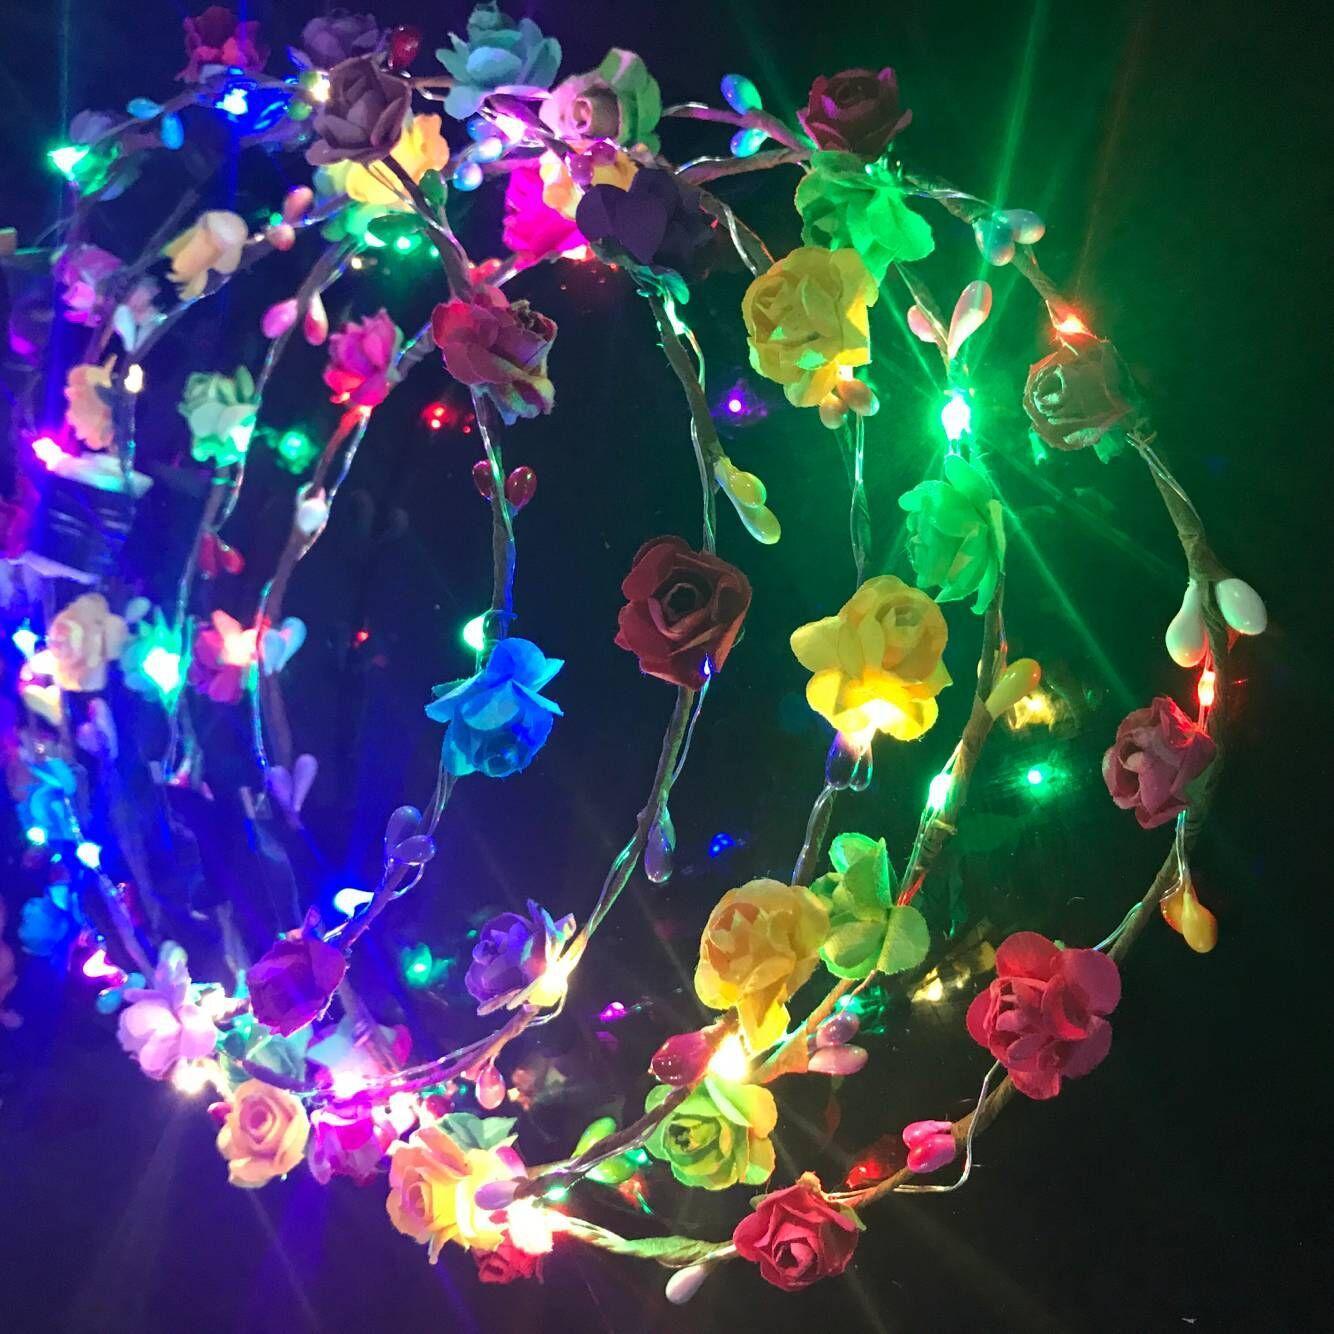 깜박이는 LED 스트링 광선 꽃 크라운 머리띠 가벼운 파티 레이브 꽃 머리 갈 랜드 빛나는 화환 결혼식 꽃 소녀 키즈 장난감